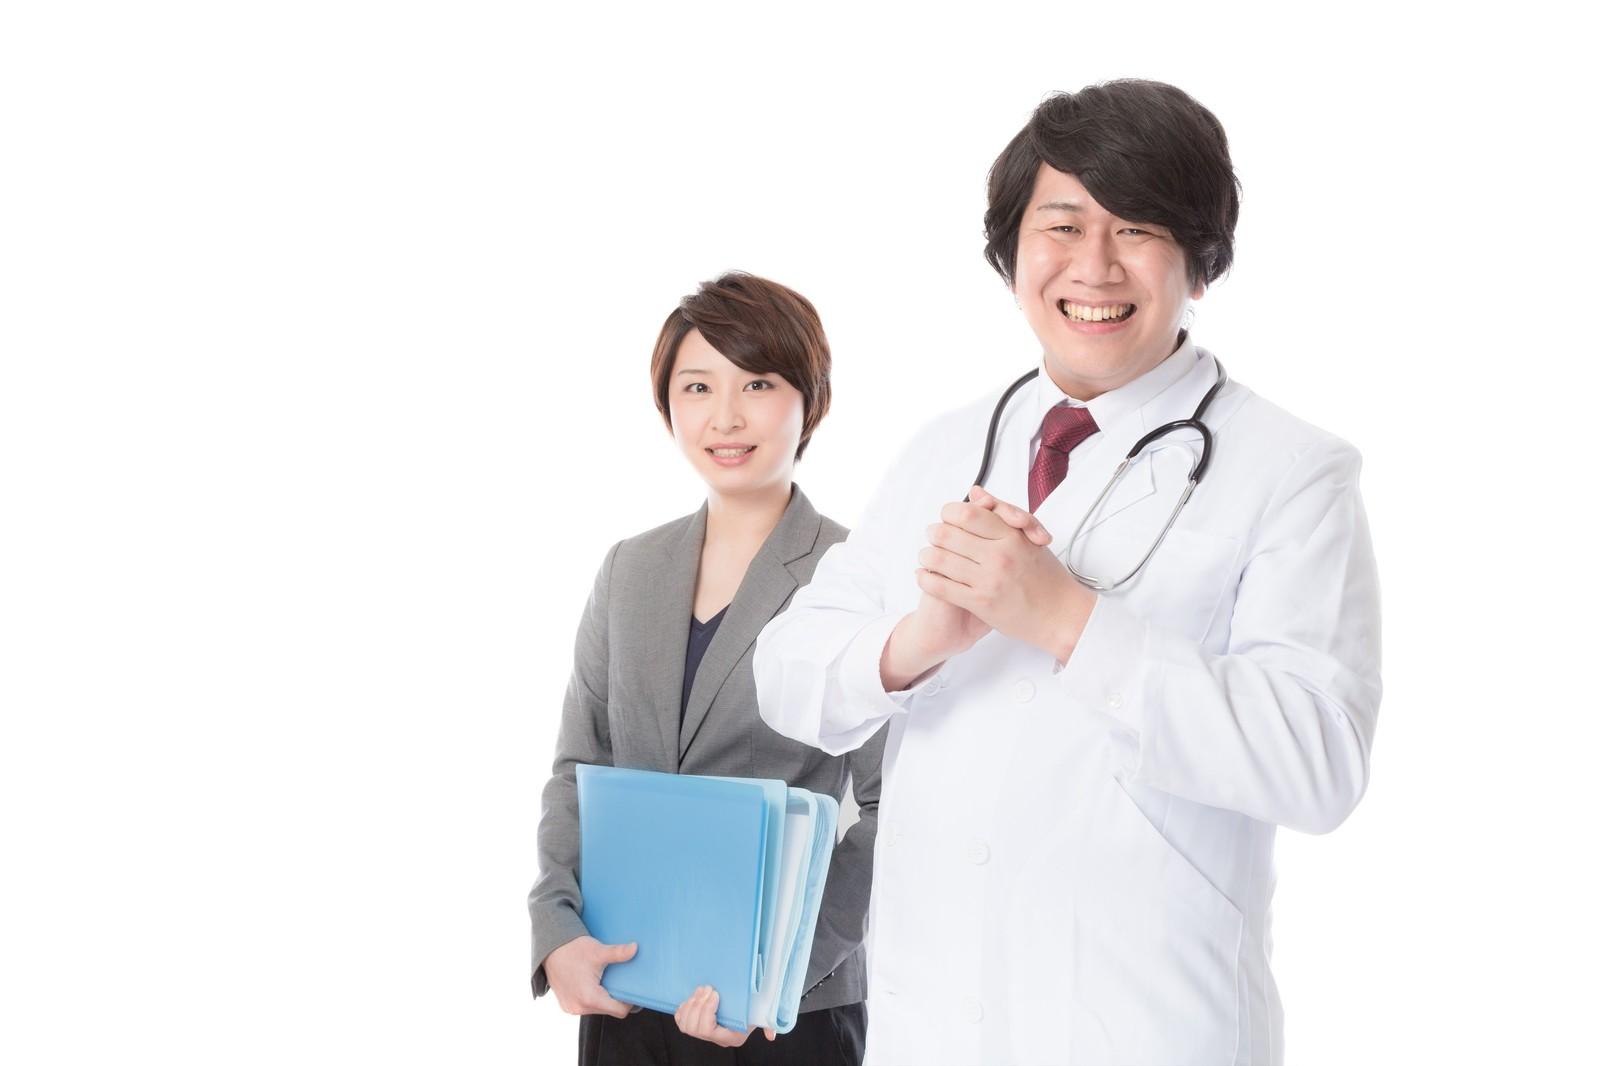 職業訓練で医療事務の資格を取る方法まとめ(志望動機の例文あり)